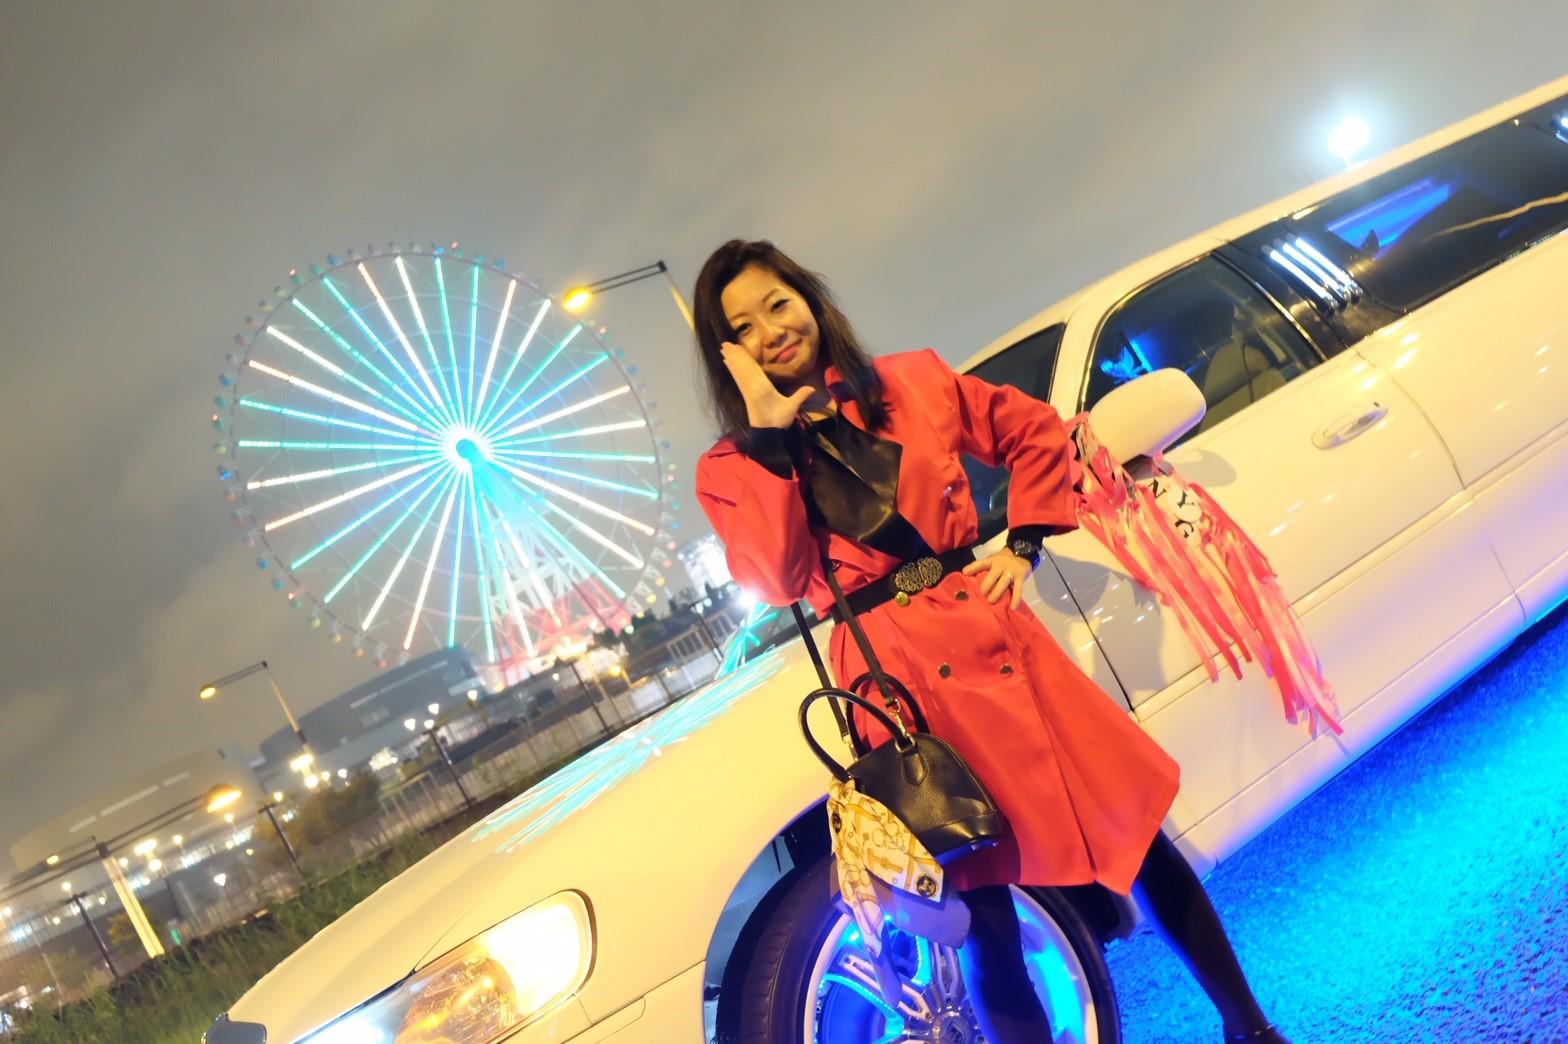 平野ノラもリムジンパーティーでおったまげー (24)